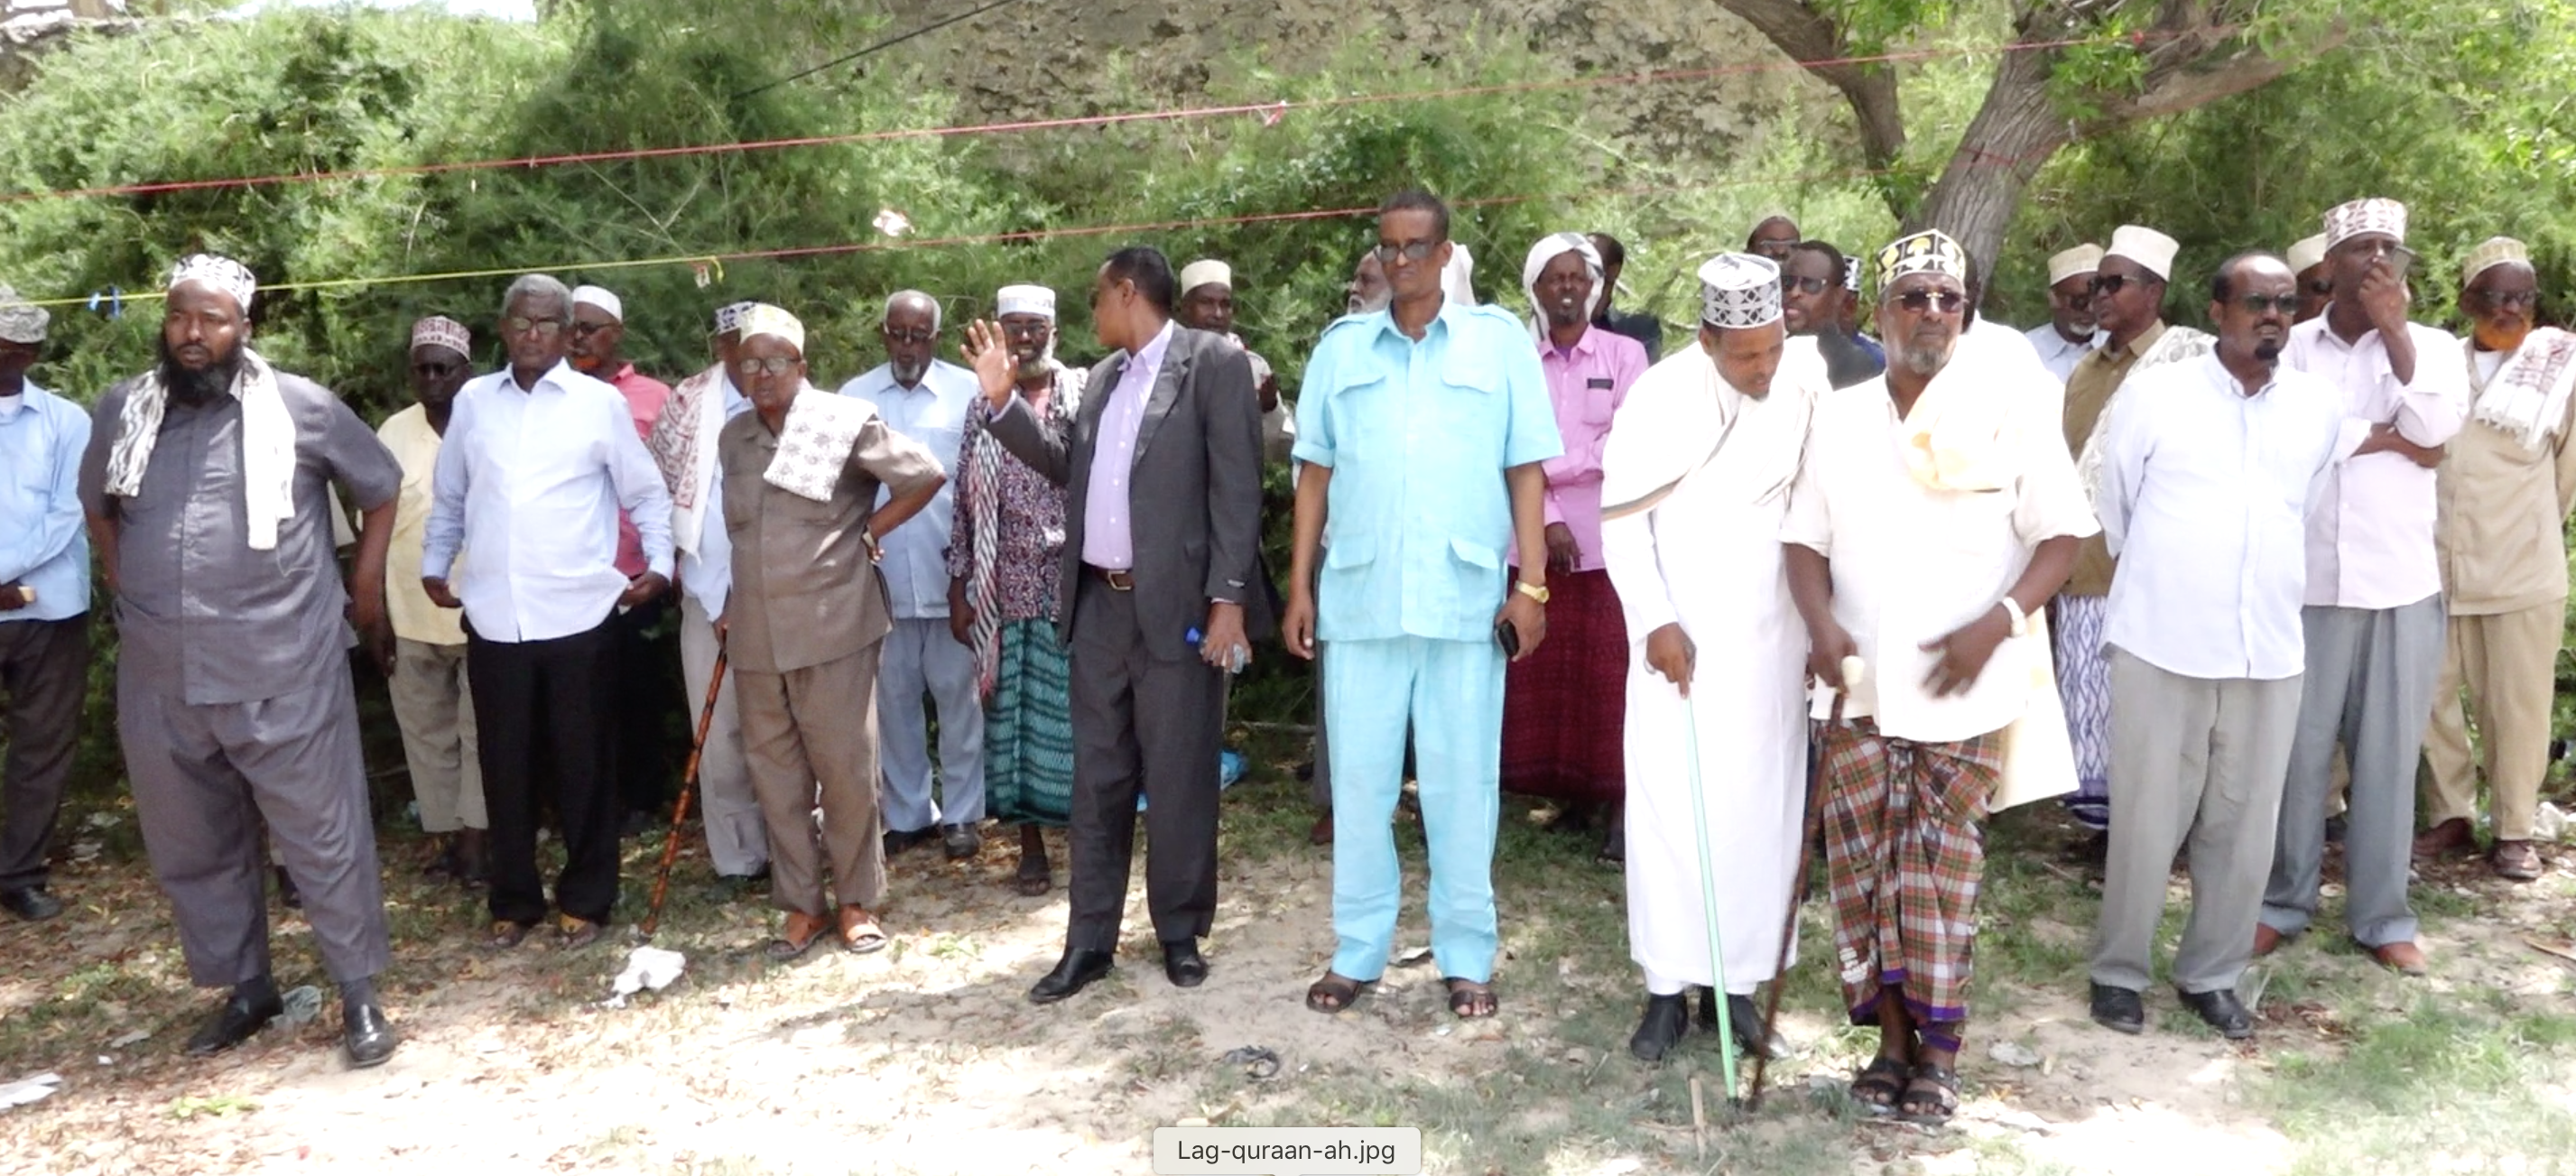 [Daawo] Odayaasha Hawiye oo ku dhawaaqay Banaadir State FULL VIDEO